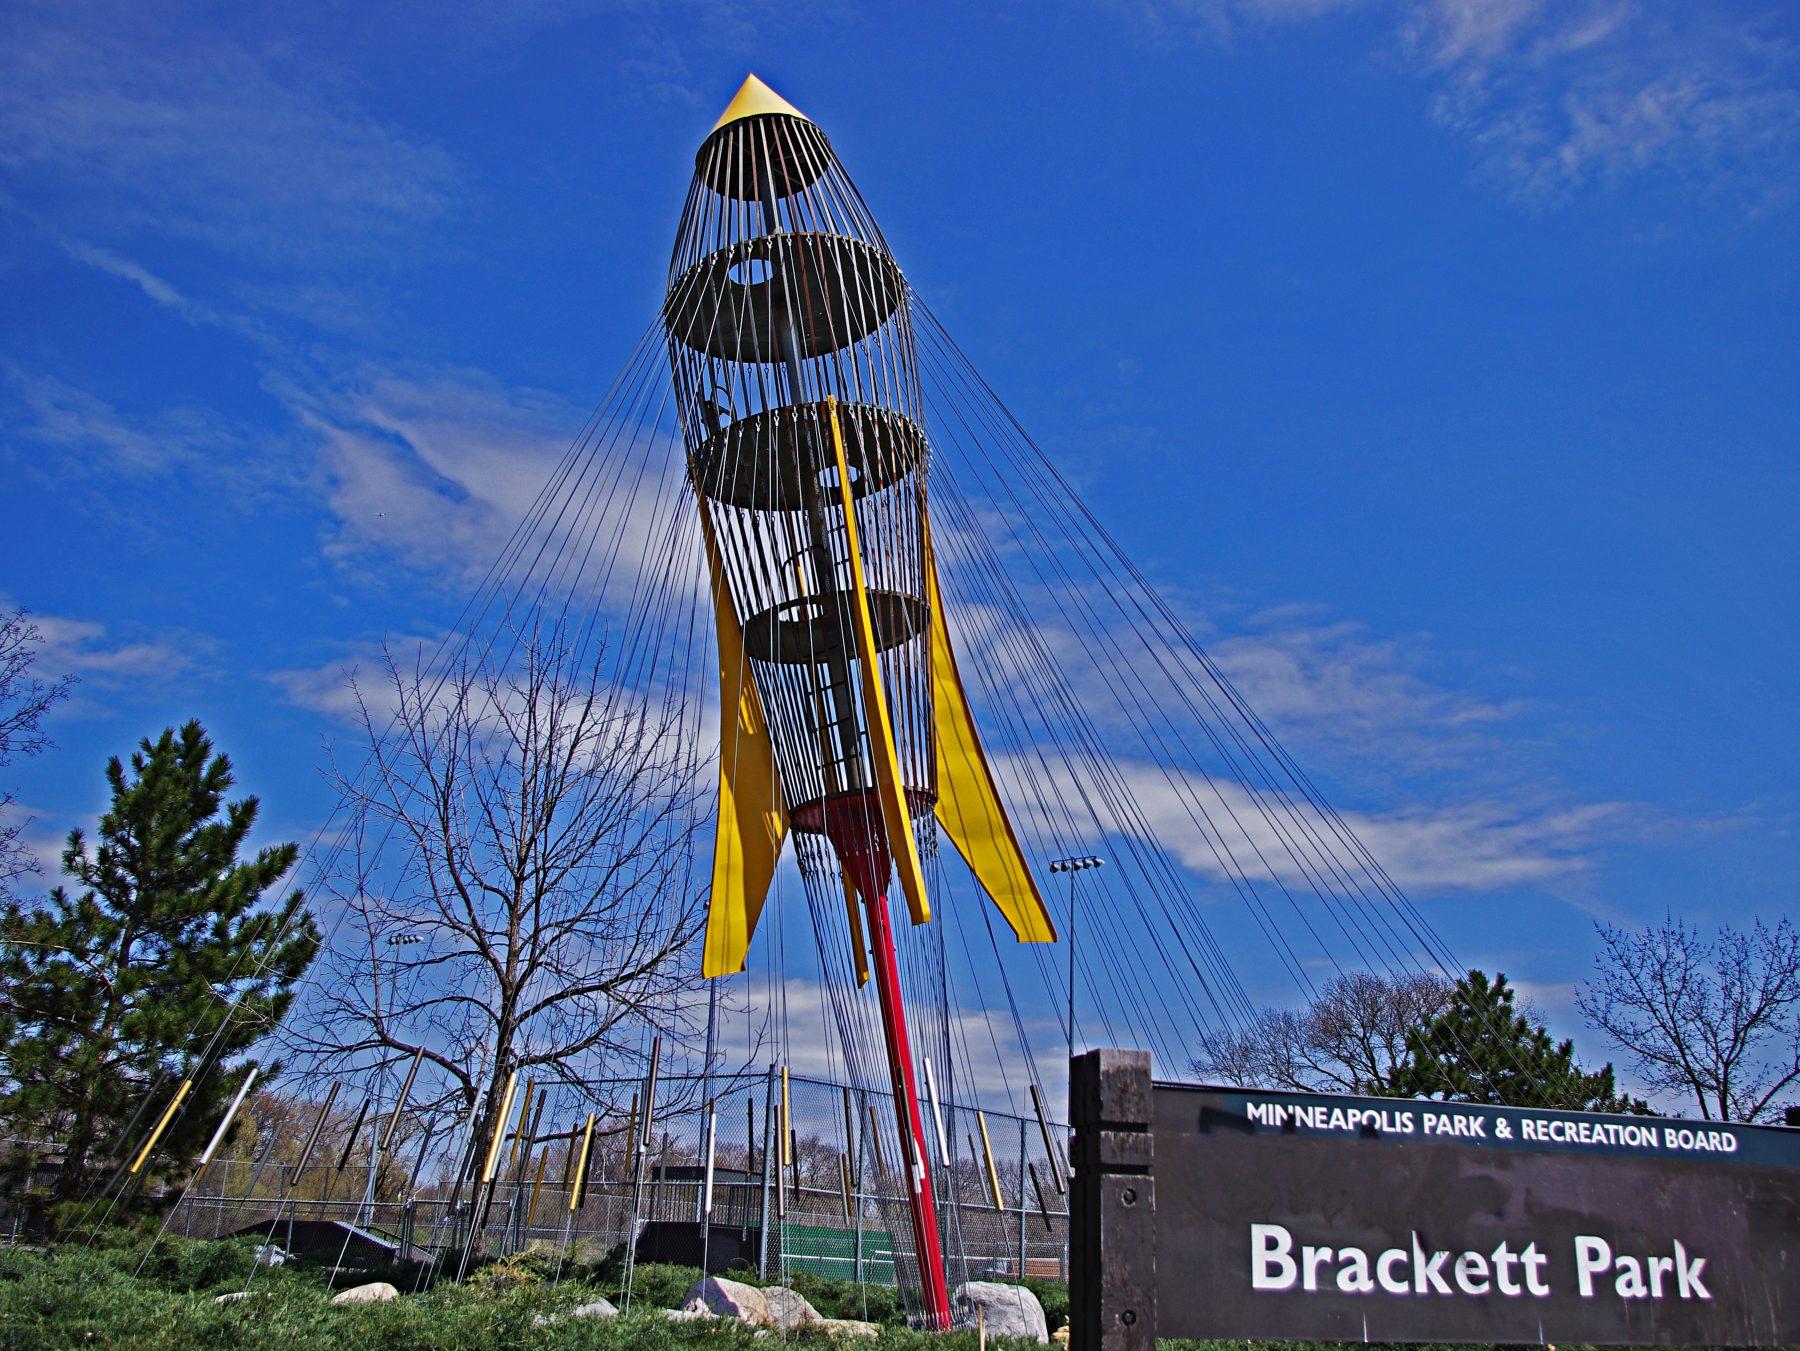 Brackett Park Rocket